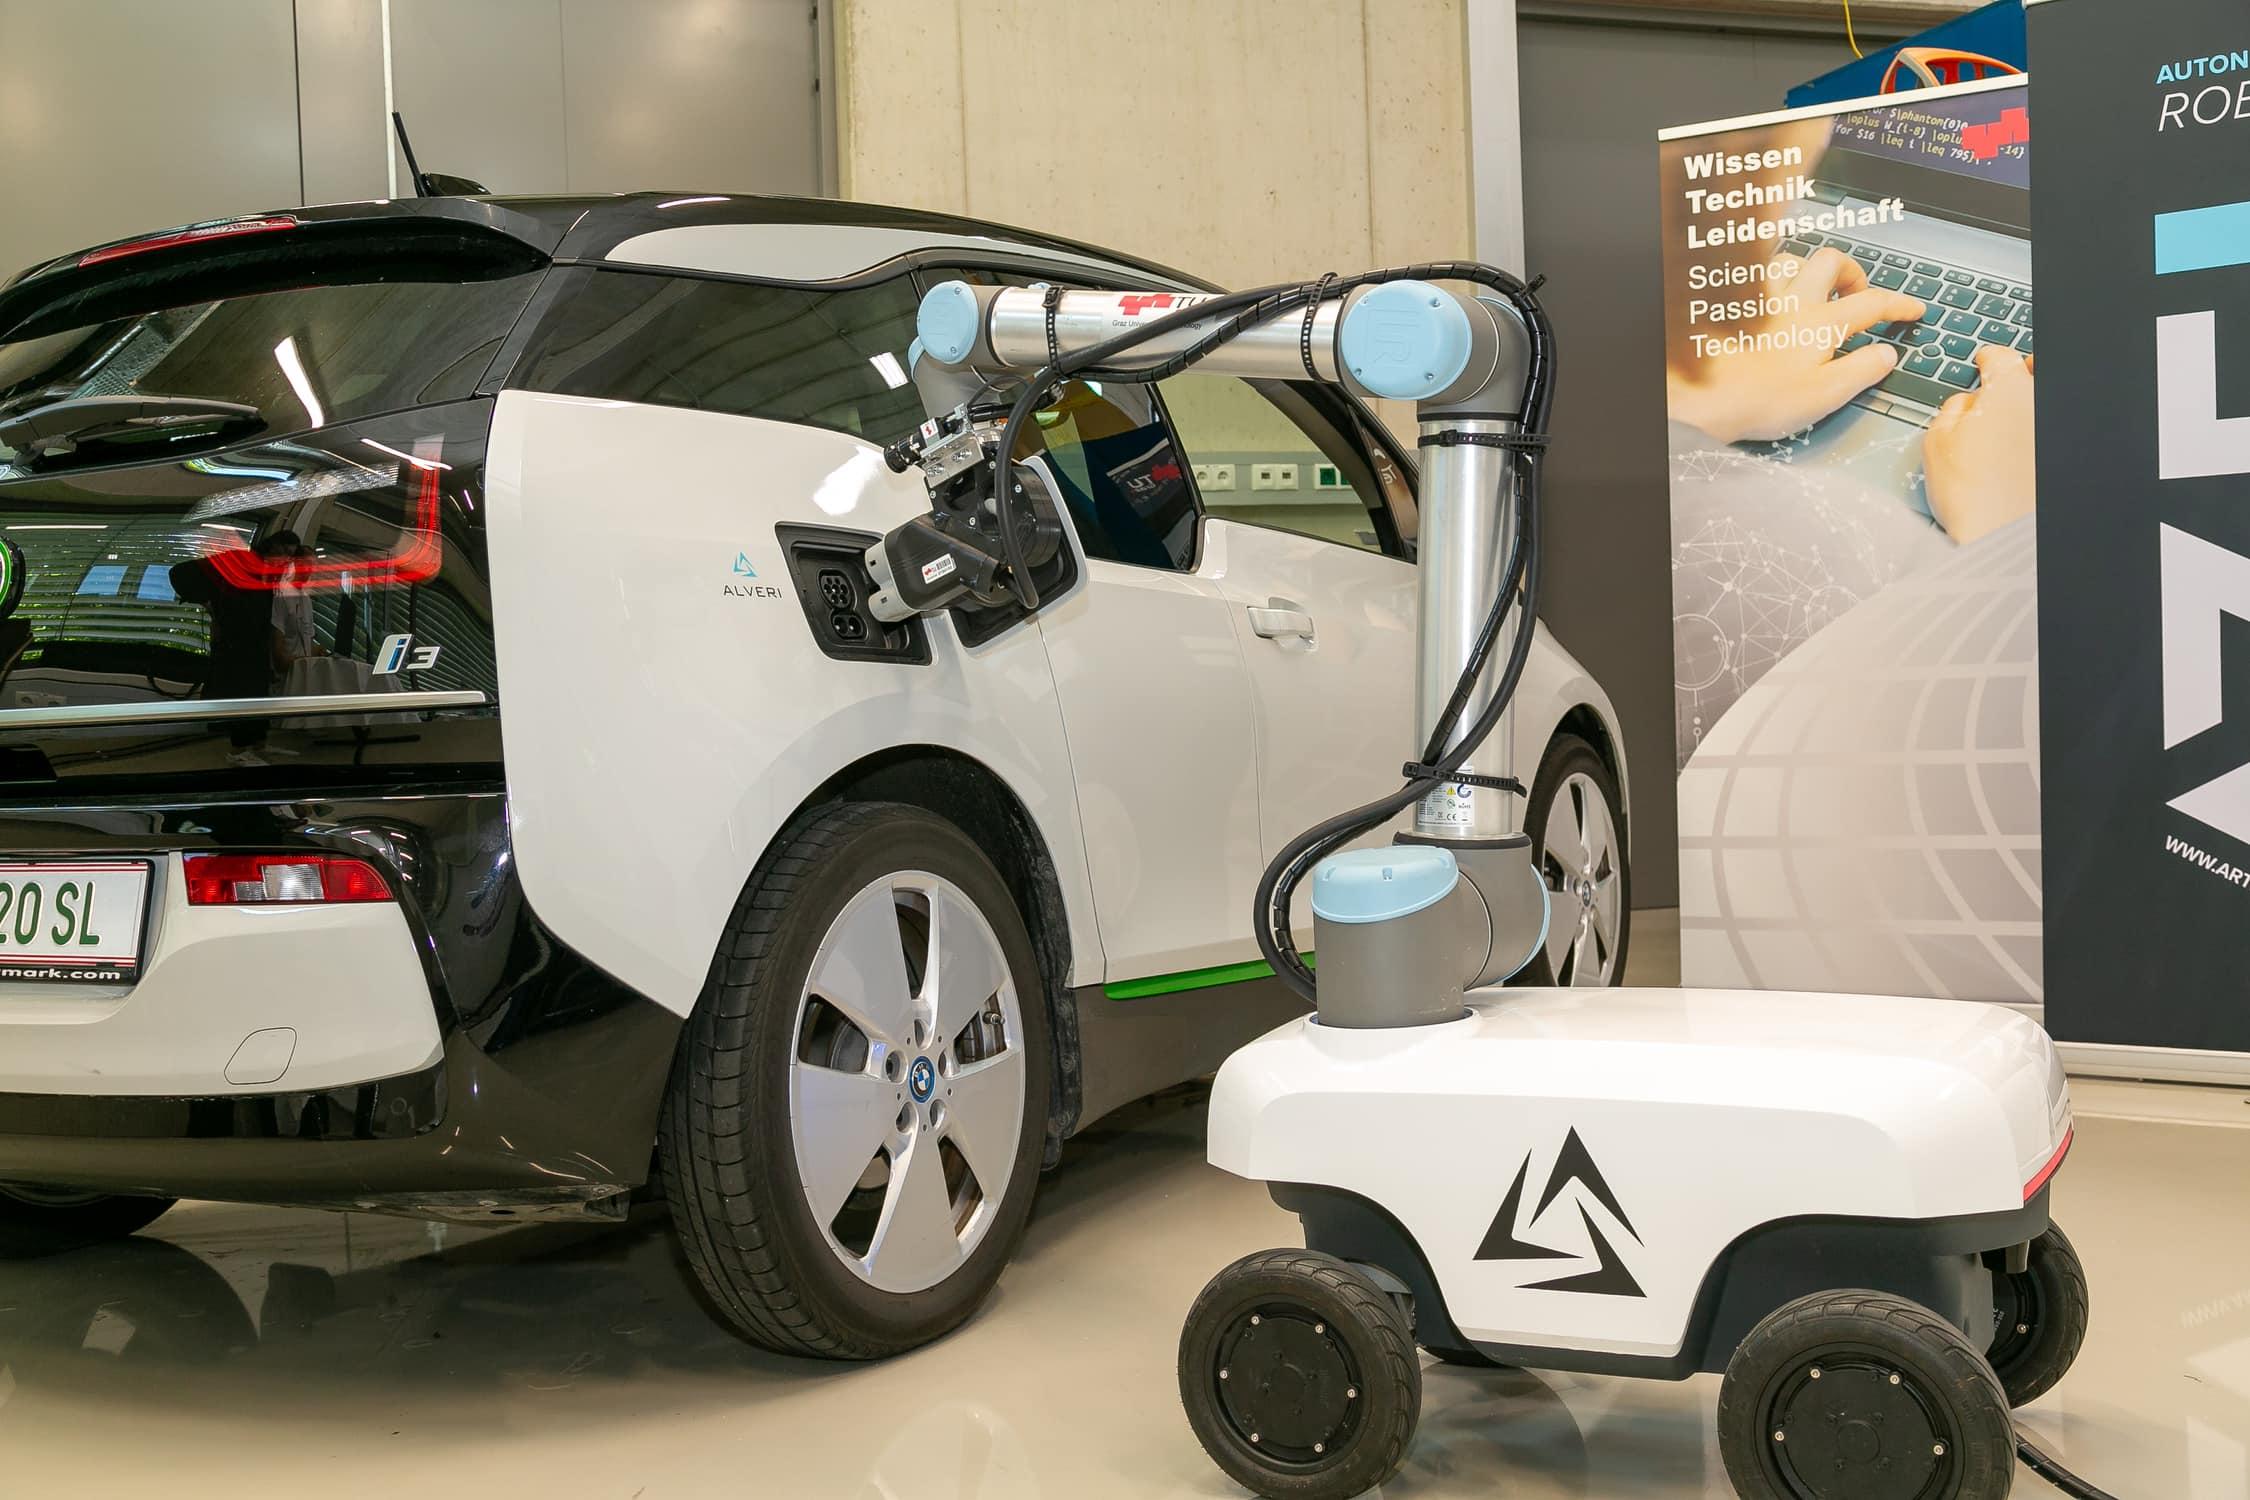 Mobiler Laderoboter der TU-Graz, fotgrafiert beim Aufladen eines Elektroautos